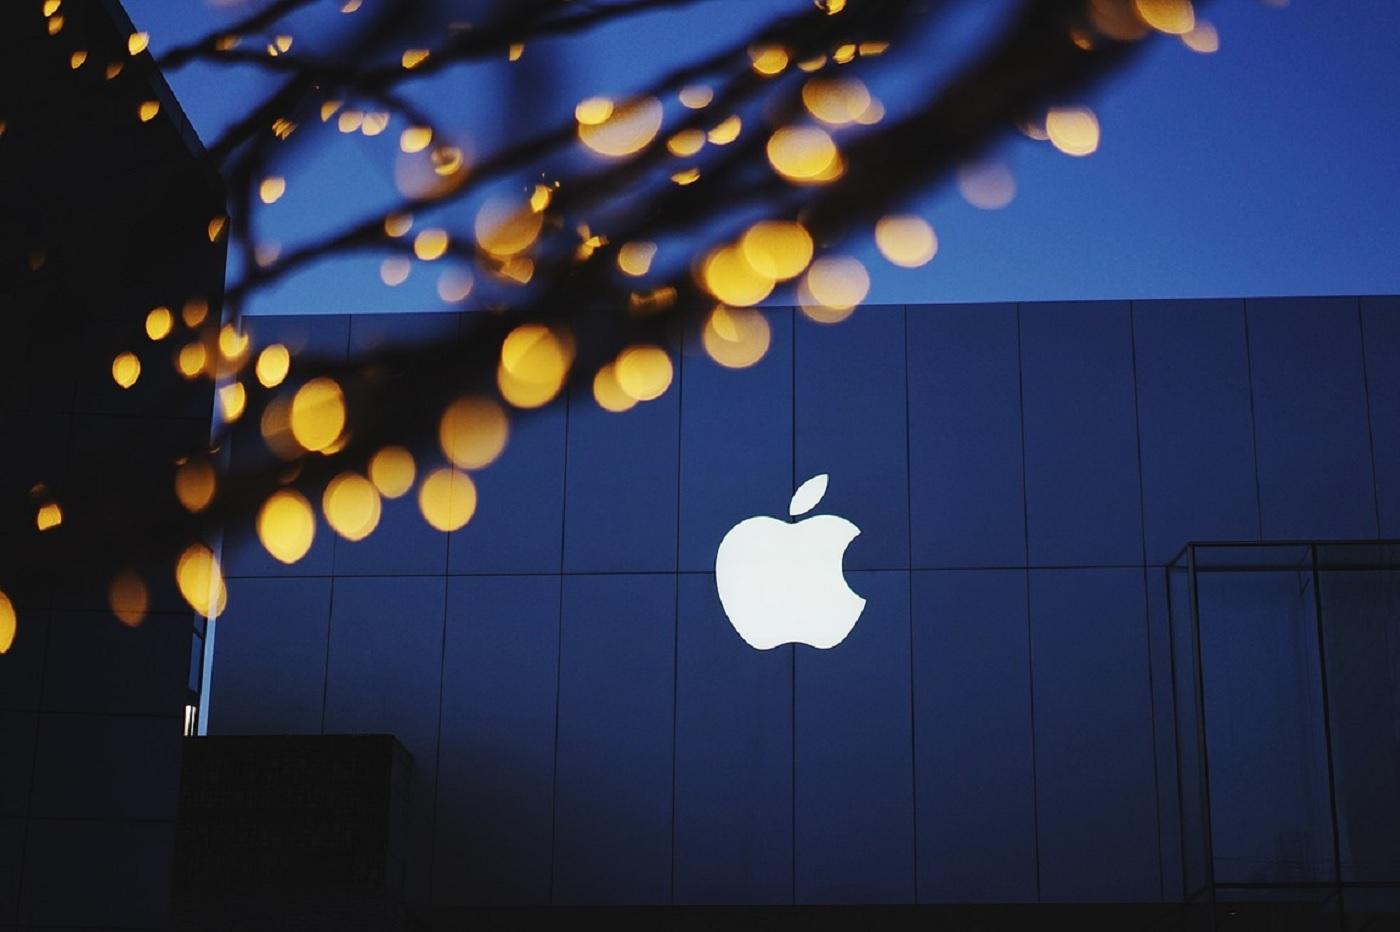 Apple accuse Google d'avoir exagéré à propos d'un problème sur l'iPhone